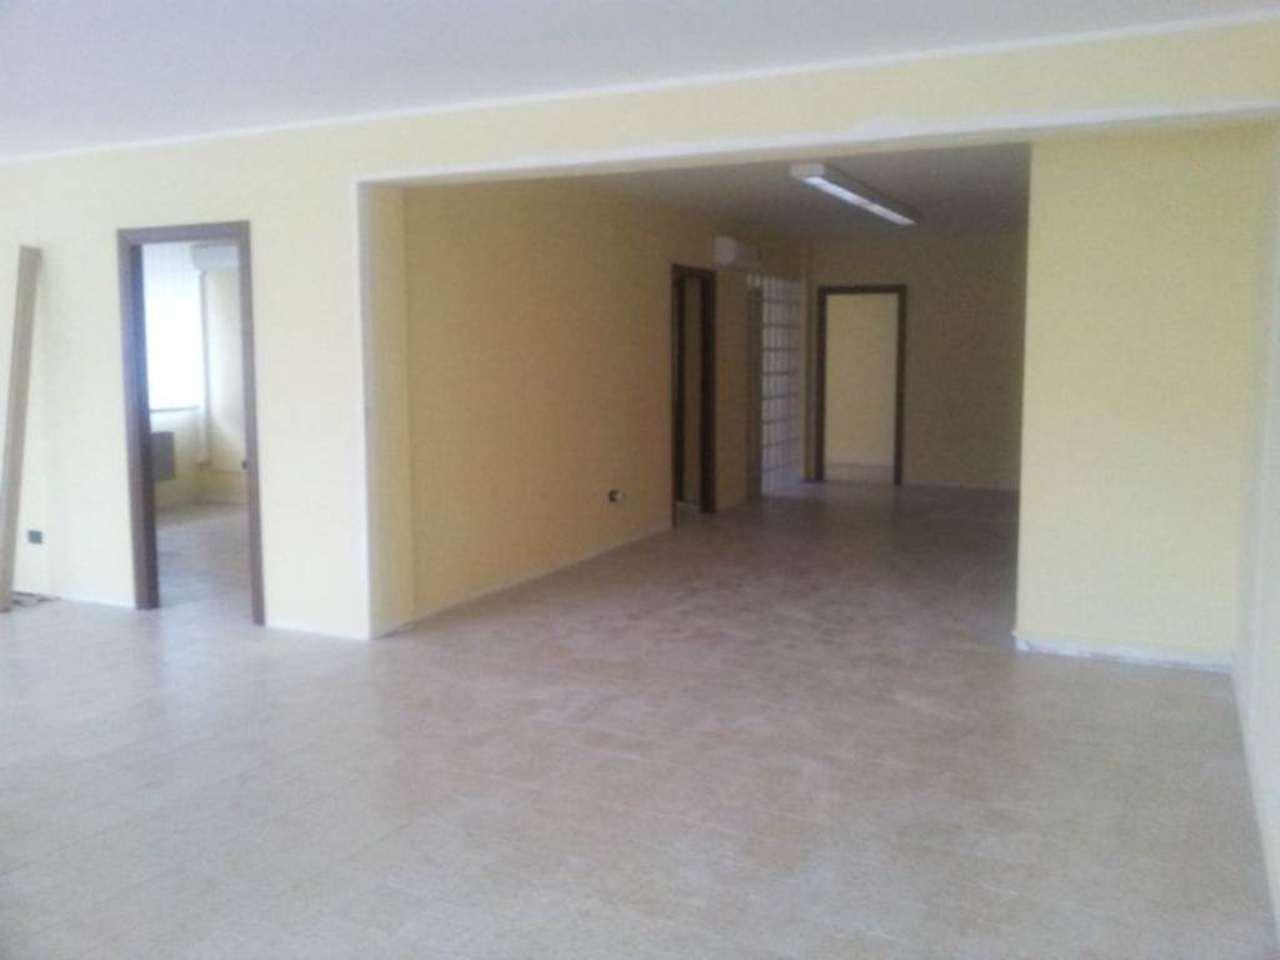 Ufficio / Studio in affitto a Pescara, 3 locali, prezzo € 900 | Cambio Casa.it